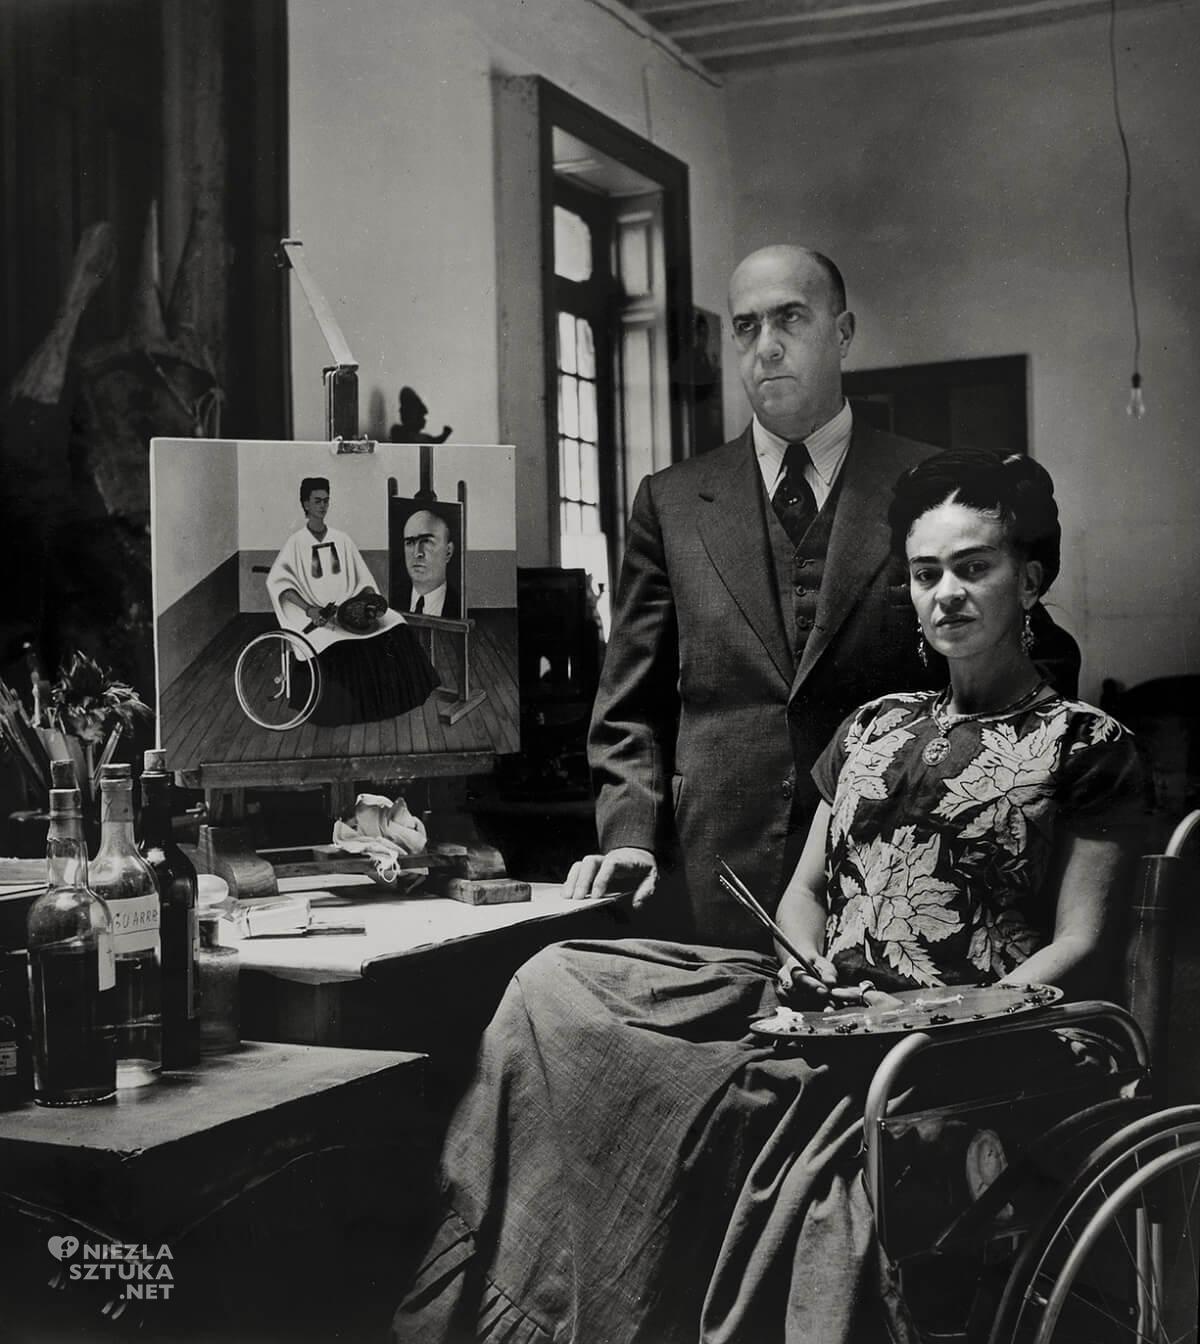 Frida Kahlo na wózku, niezła sztuka